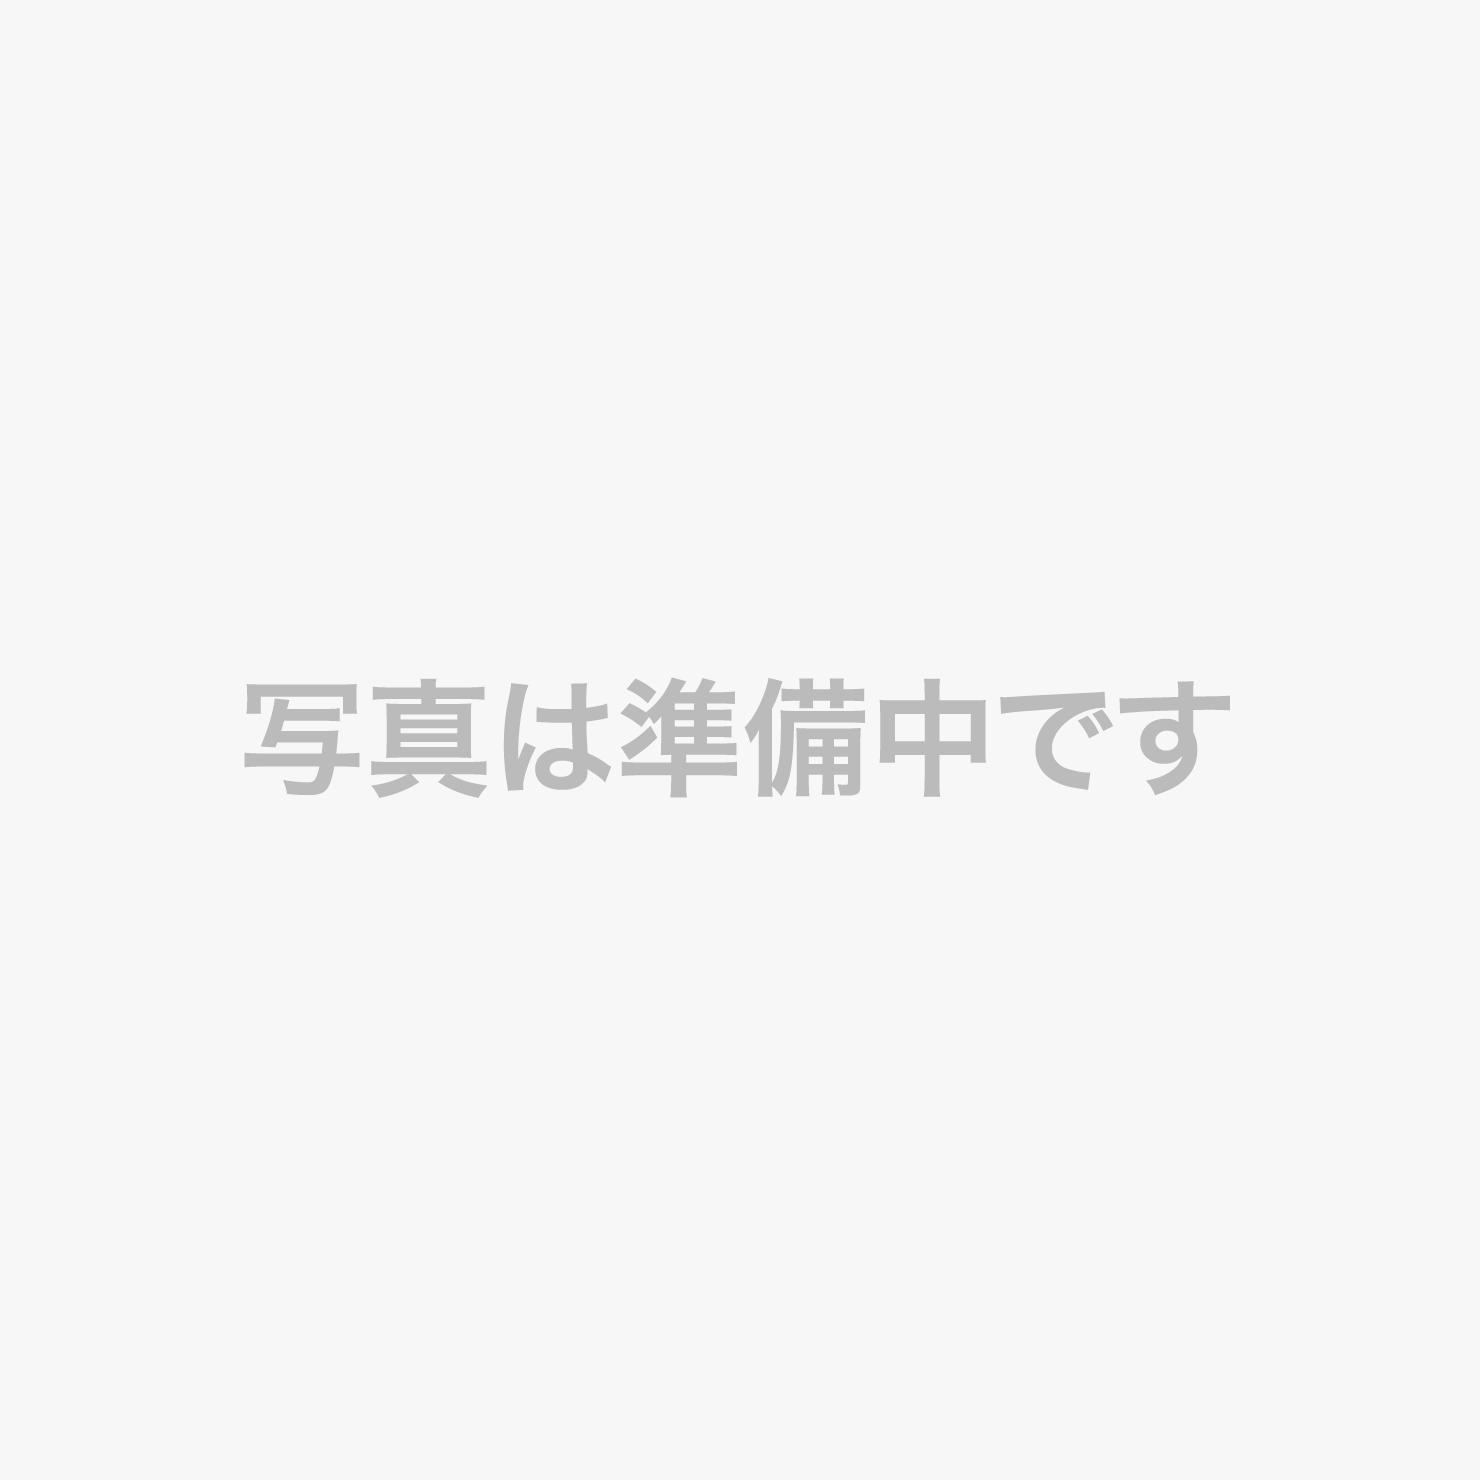 ホテルモントレ京都では、和食・洋食を取り合わせたブッフェ形式の朝食をご用意しております。●営業時間 7:00~9:30(ラストオーダー)朝食(ビュッフェスタイル) ¥2,600